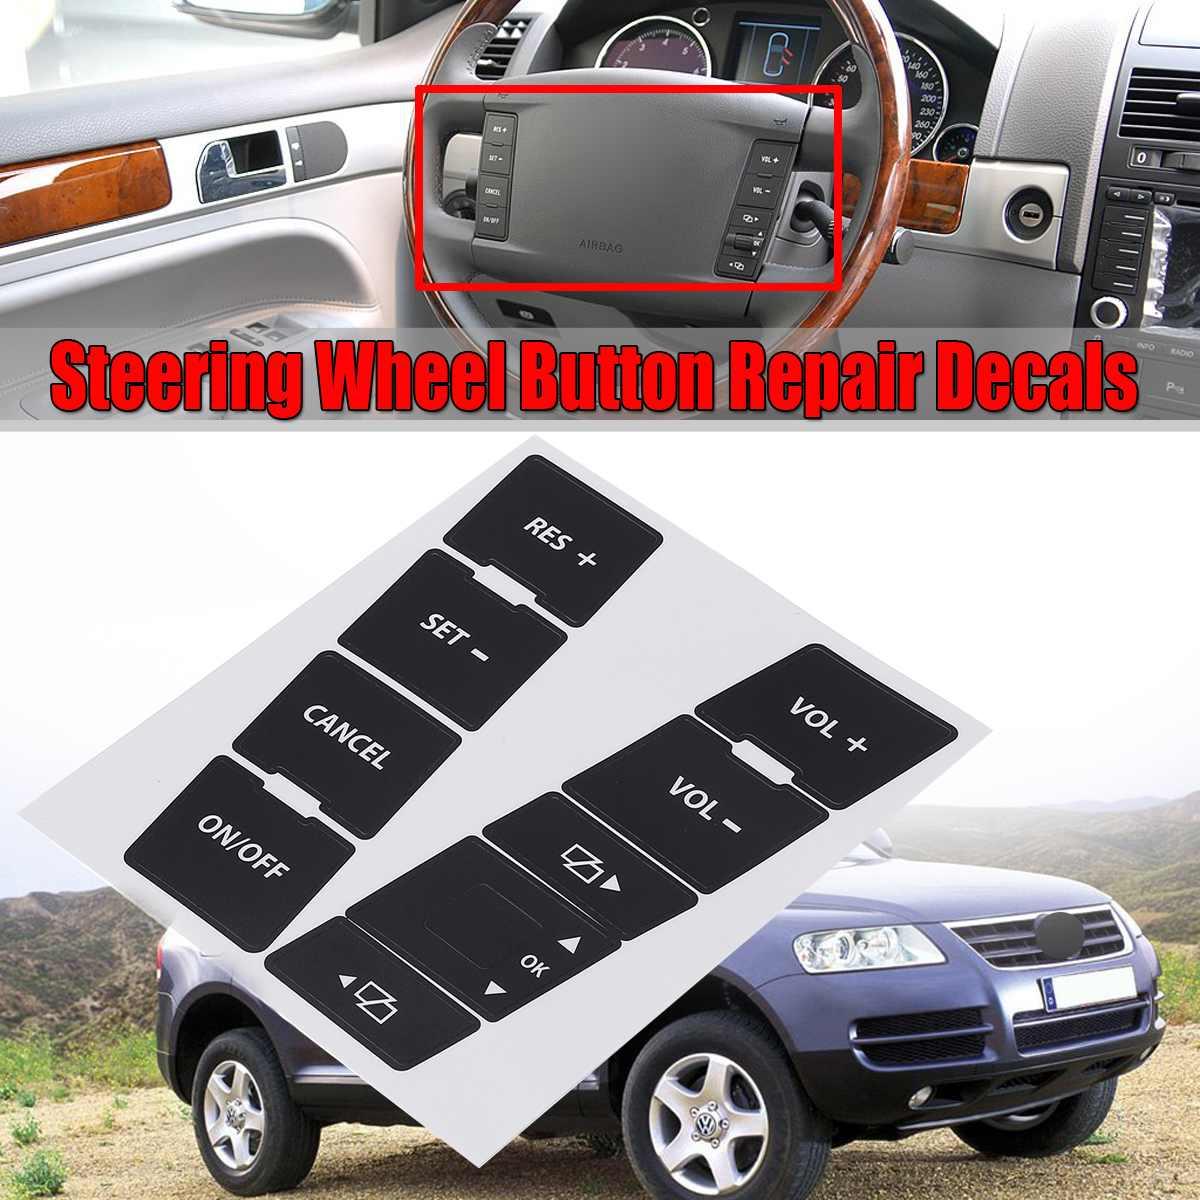 Kit de pegatinas para reparación de botón para volante de coche negro mate para VW para Volkswagen Touareg 2004-2009